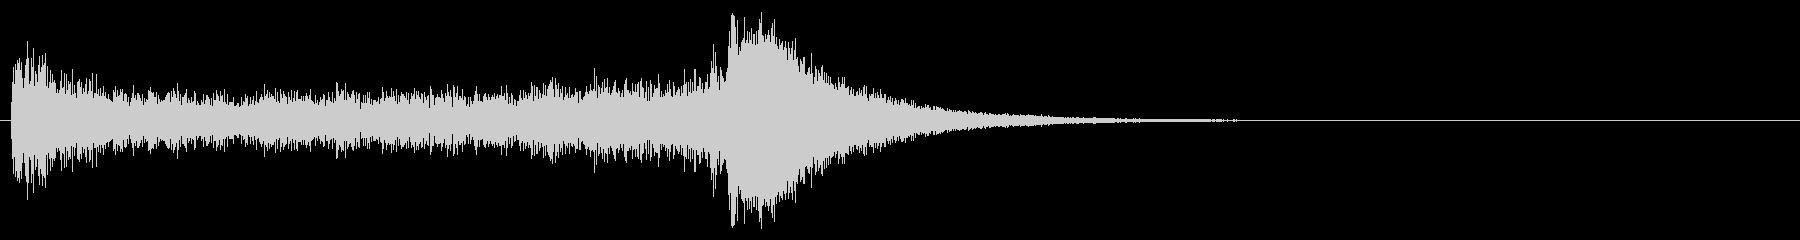 汎用04 ドラムロール(5秒でシンバル)の未再生の波形